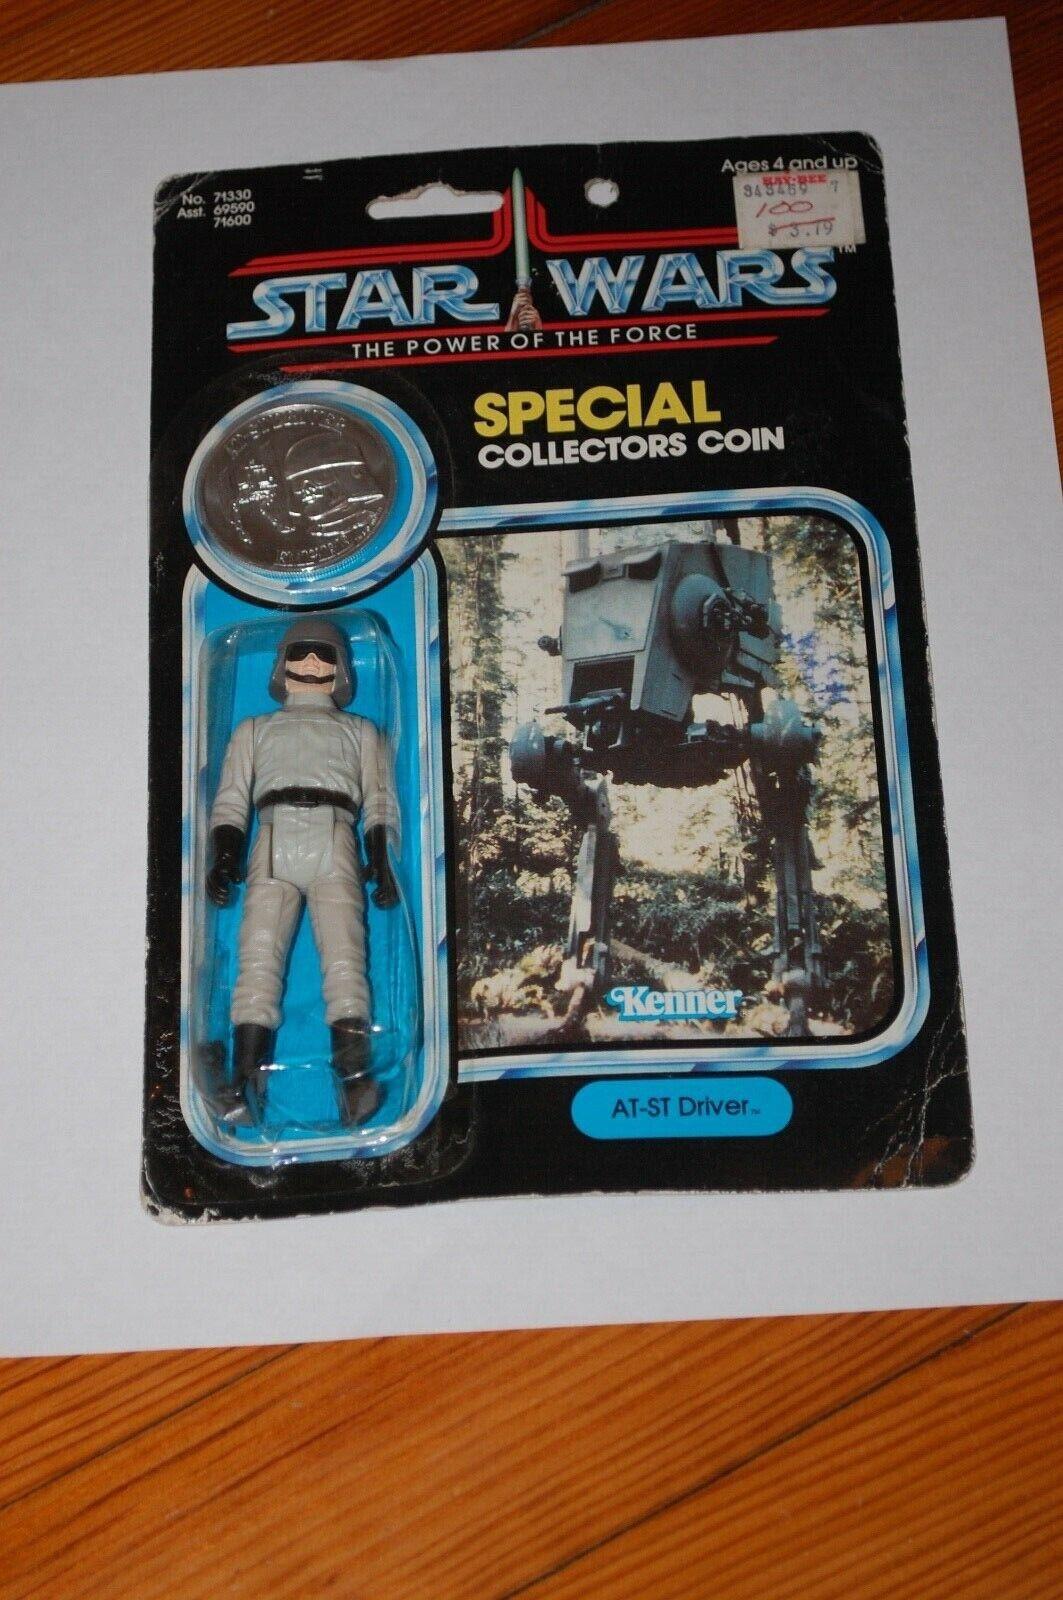 A-Estrella Trek Driver-Estrella Wars-Poder de la fuerza de energía de la fuerza-menta en tarjeta-Vintage-moneda